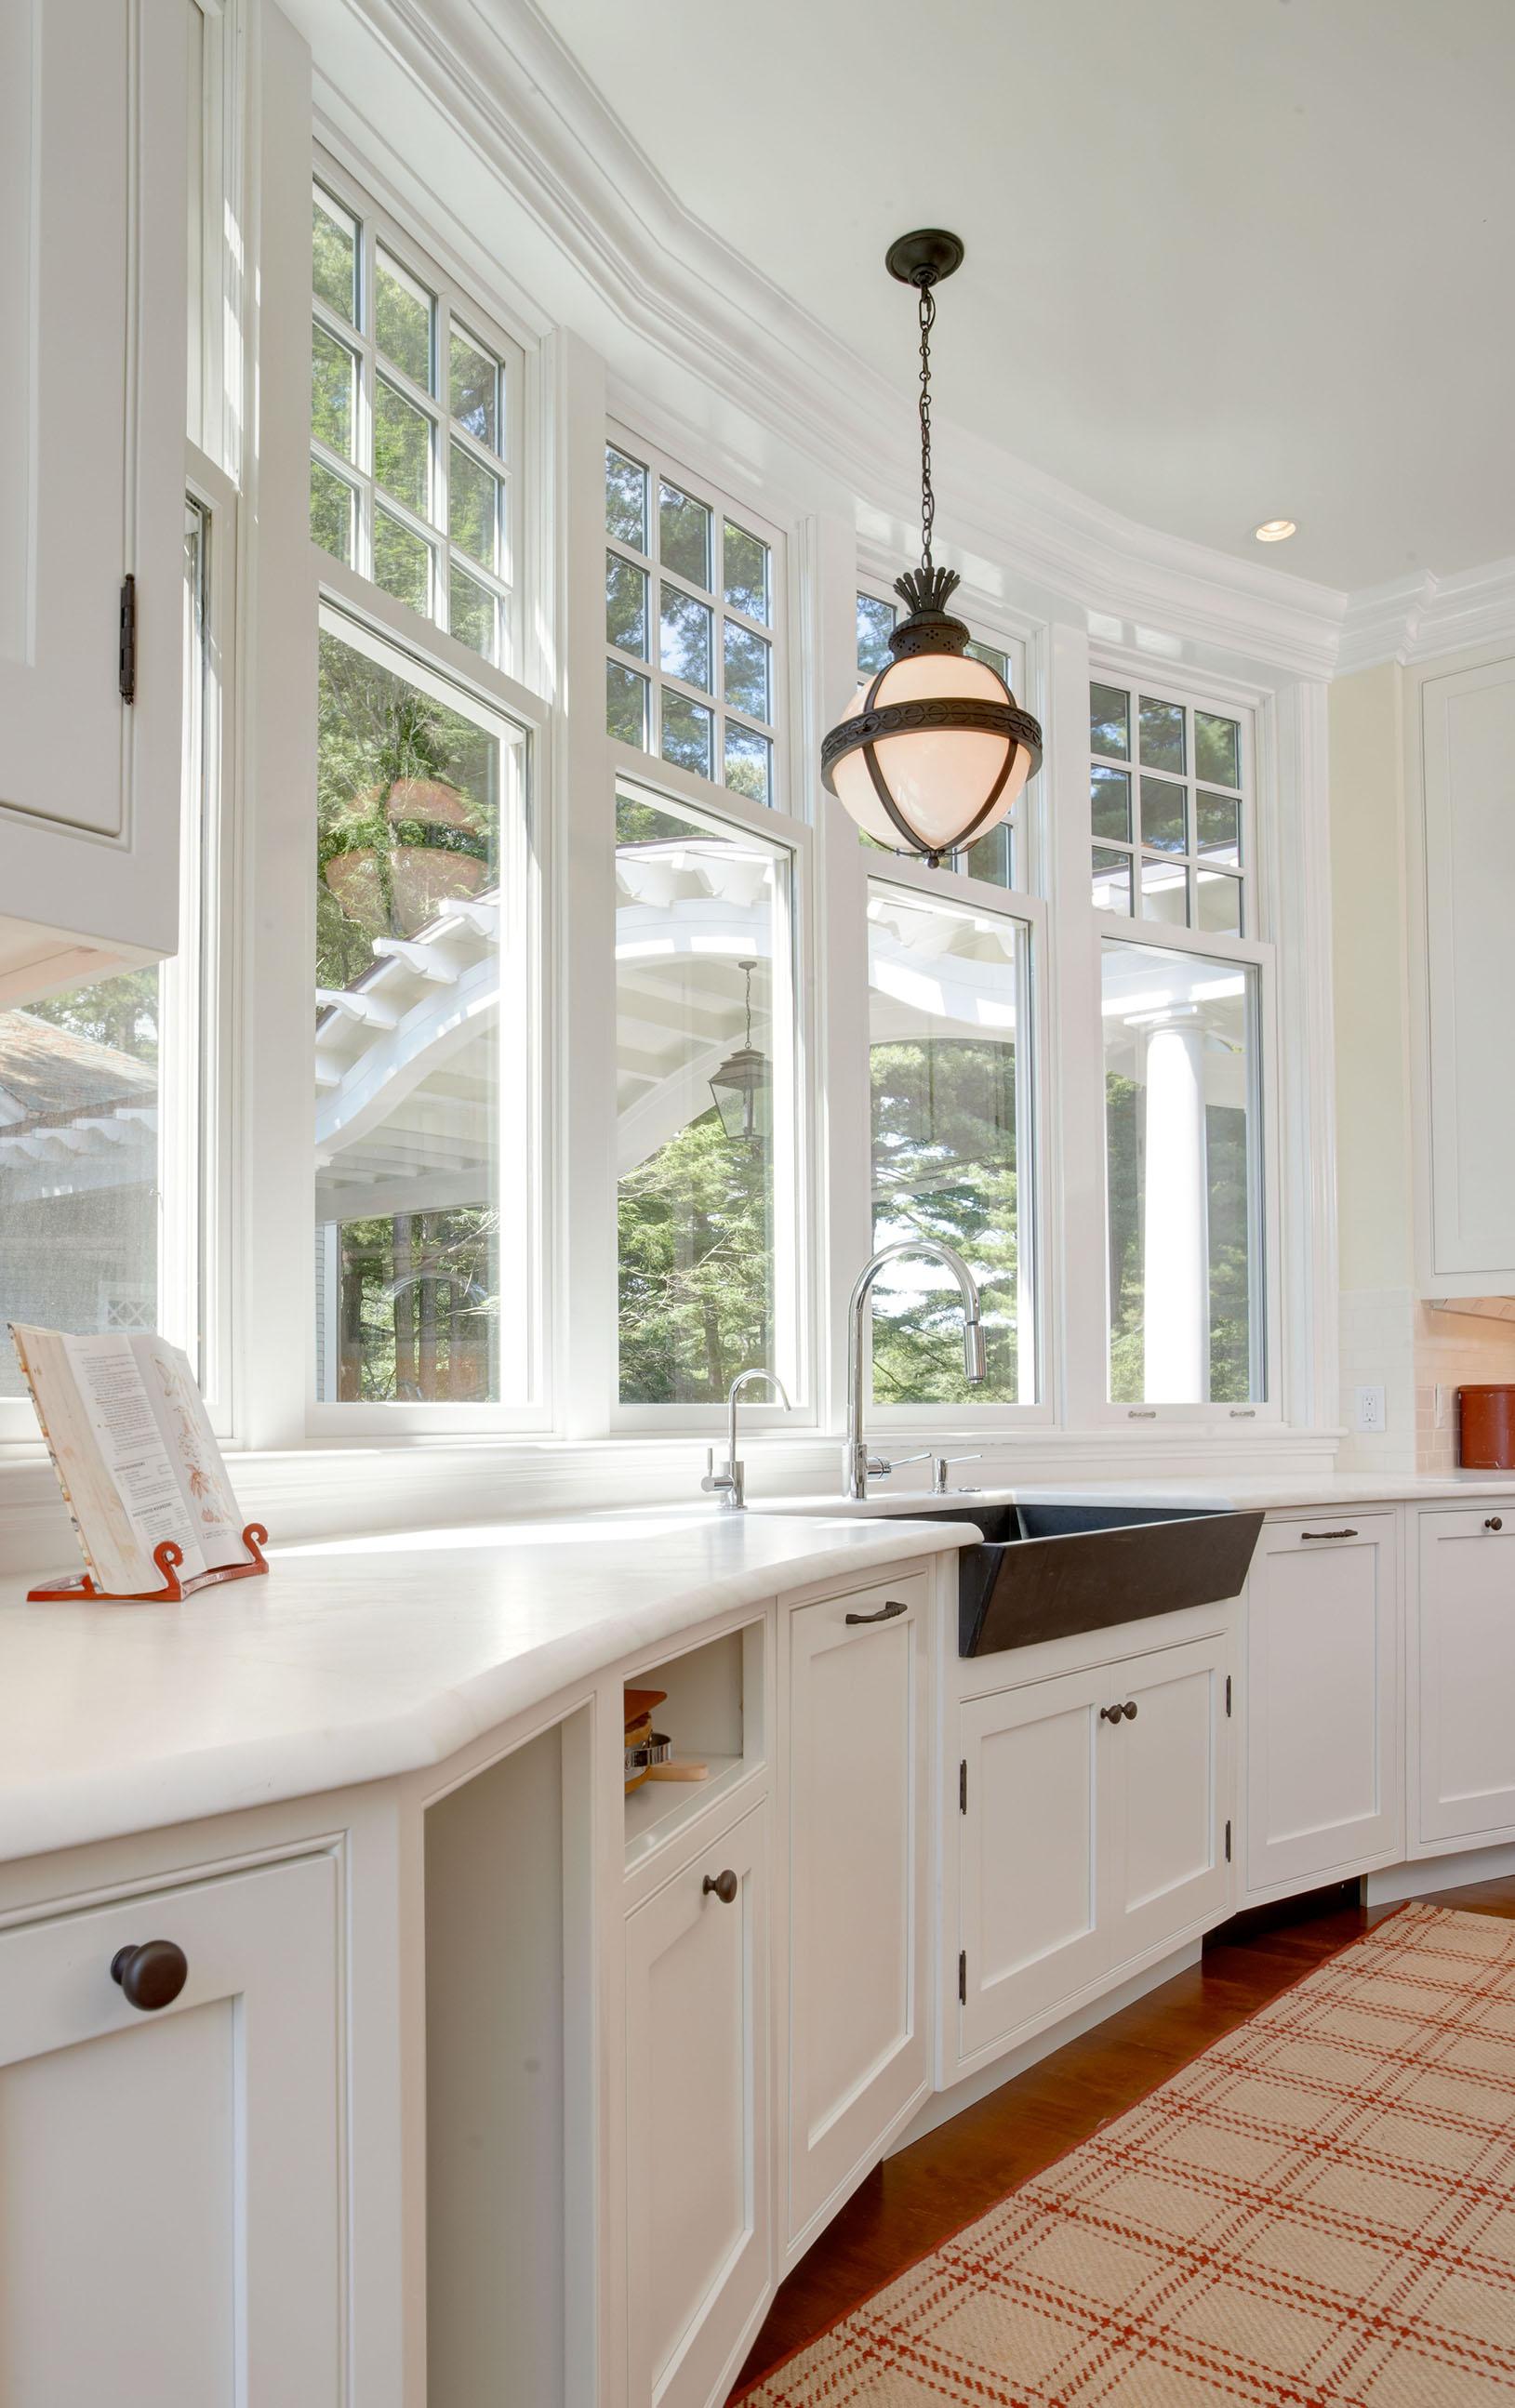 Kitchen6 copy.jpg